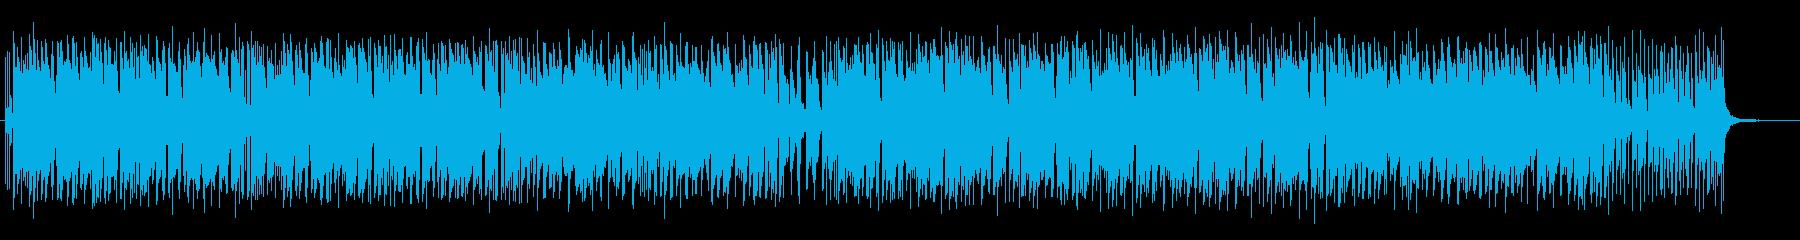 まったりした日常感のあるピアノ曲の再生済みの波形